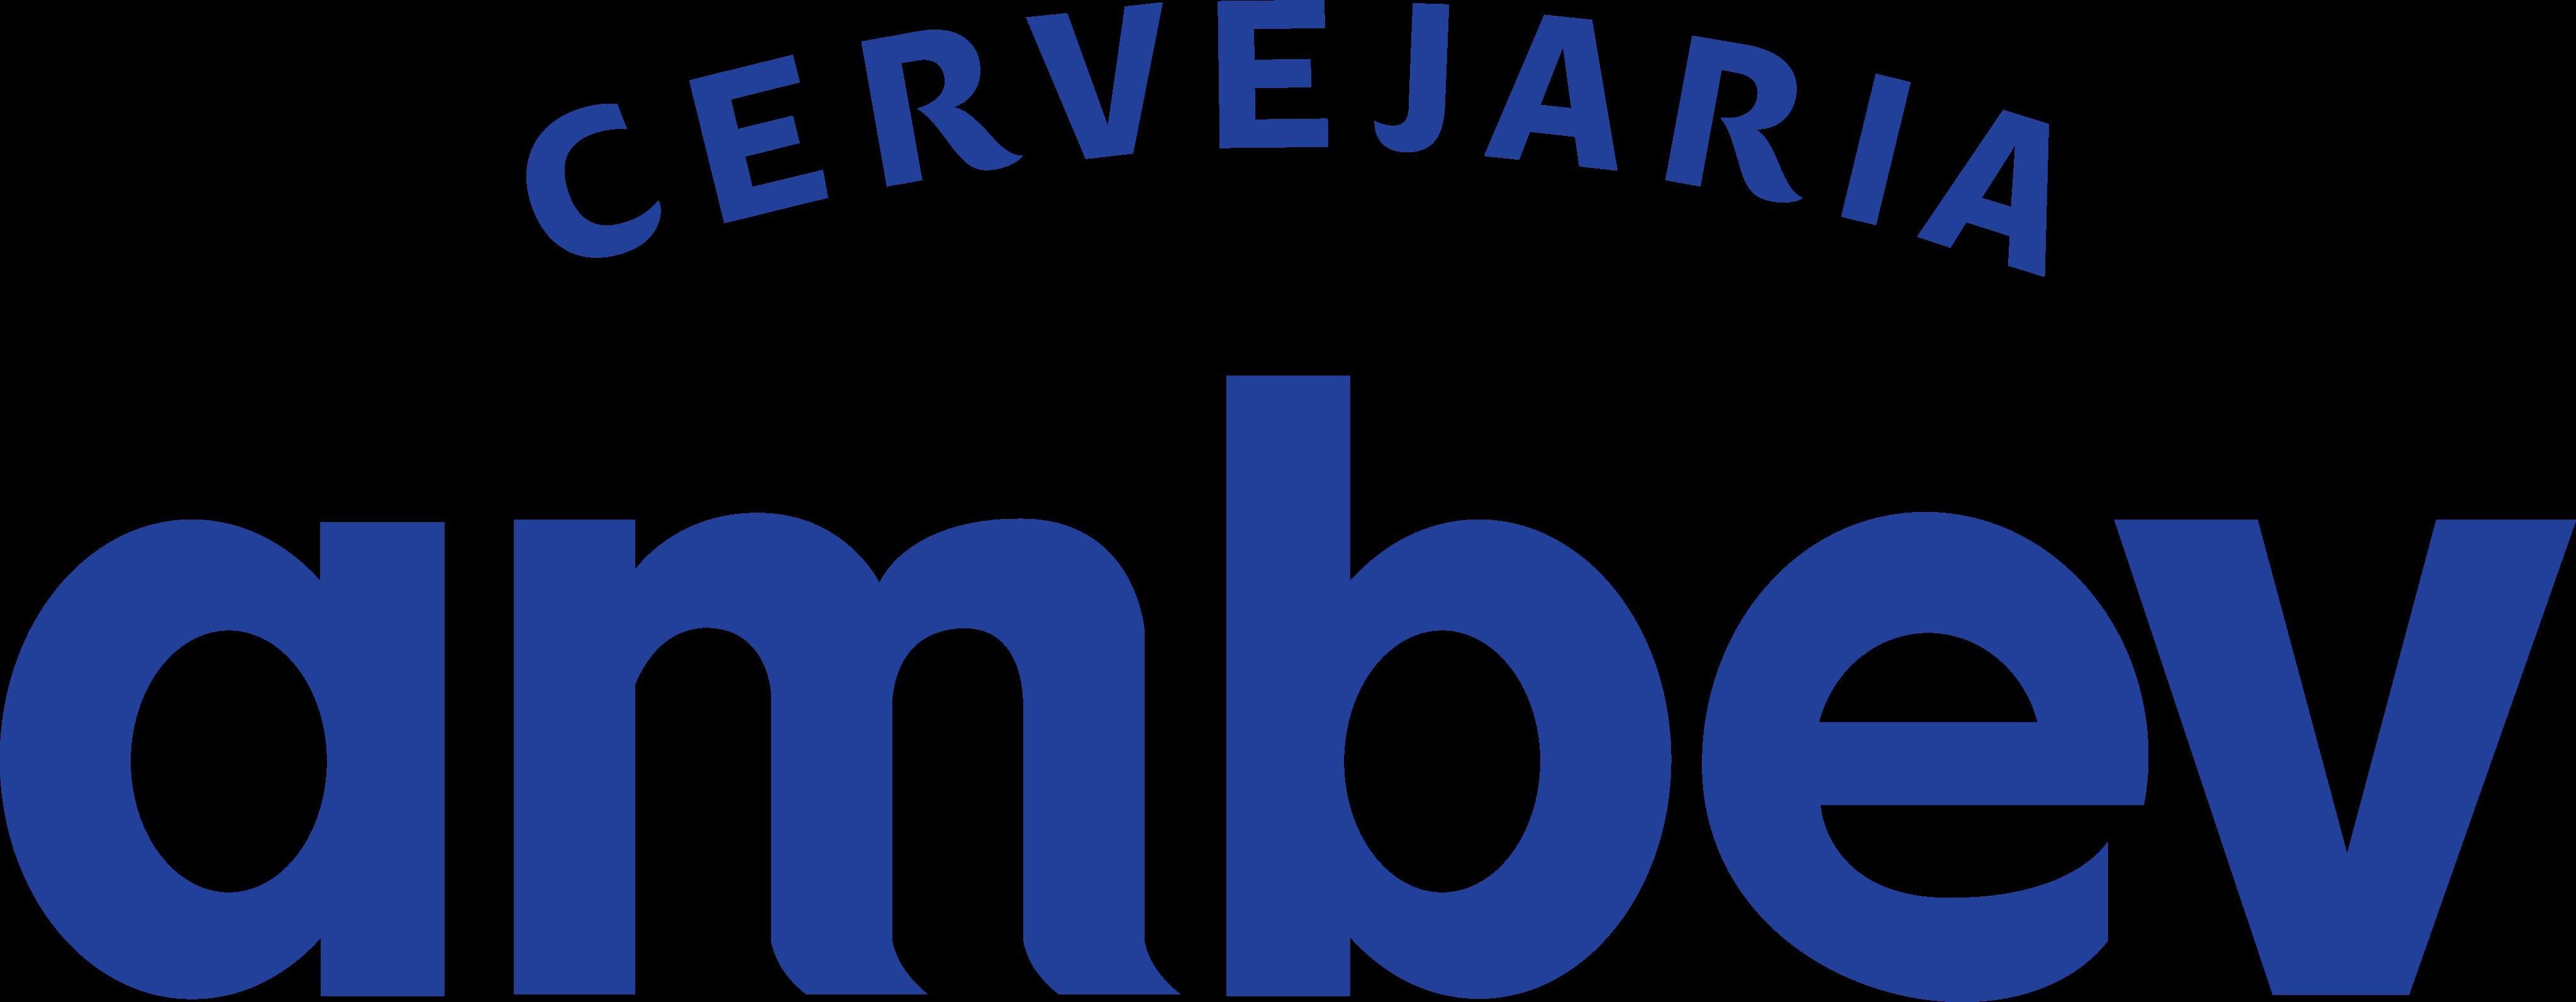 ambev logo 2 - Ambev Logo